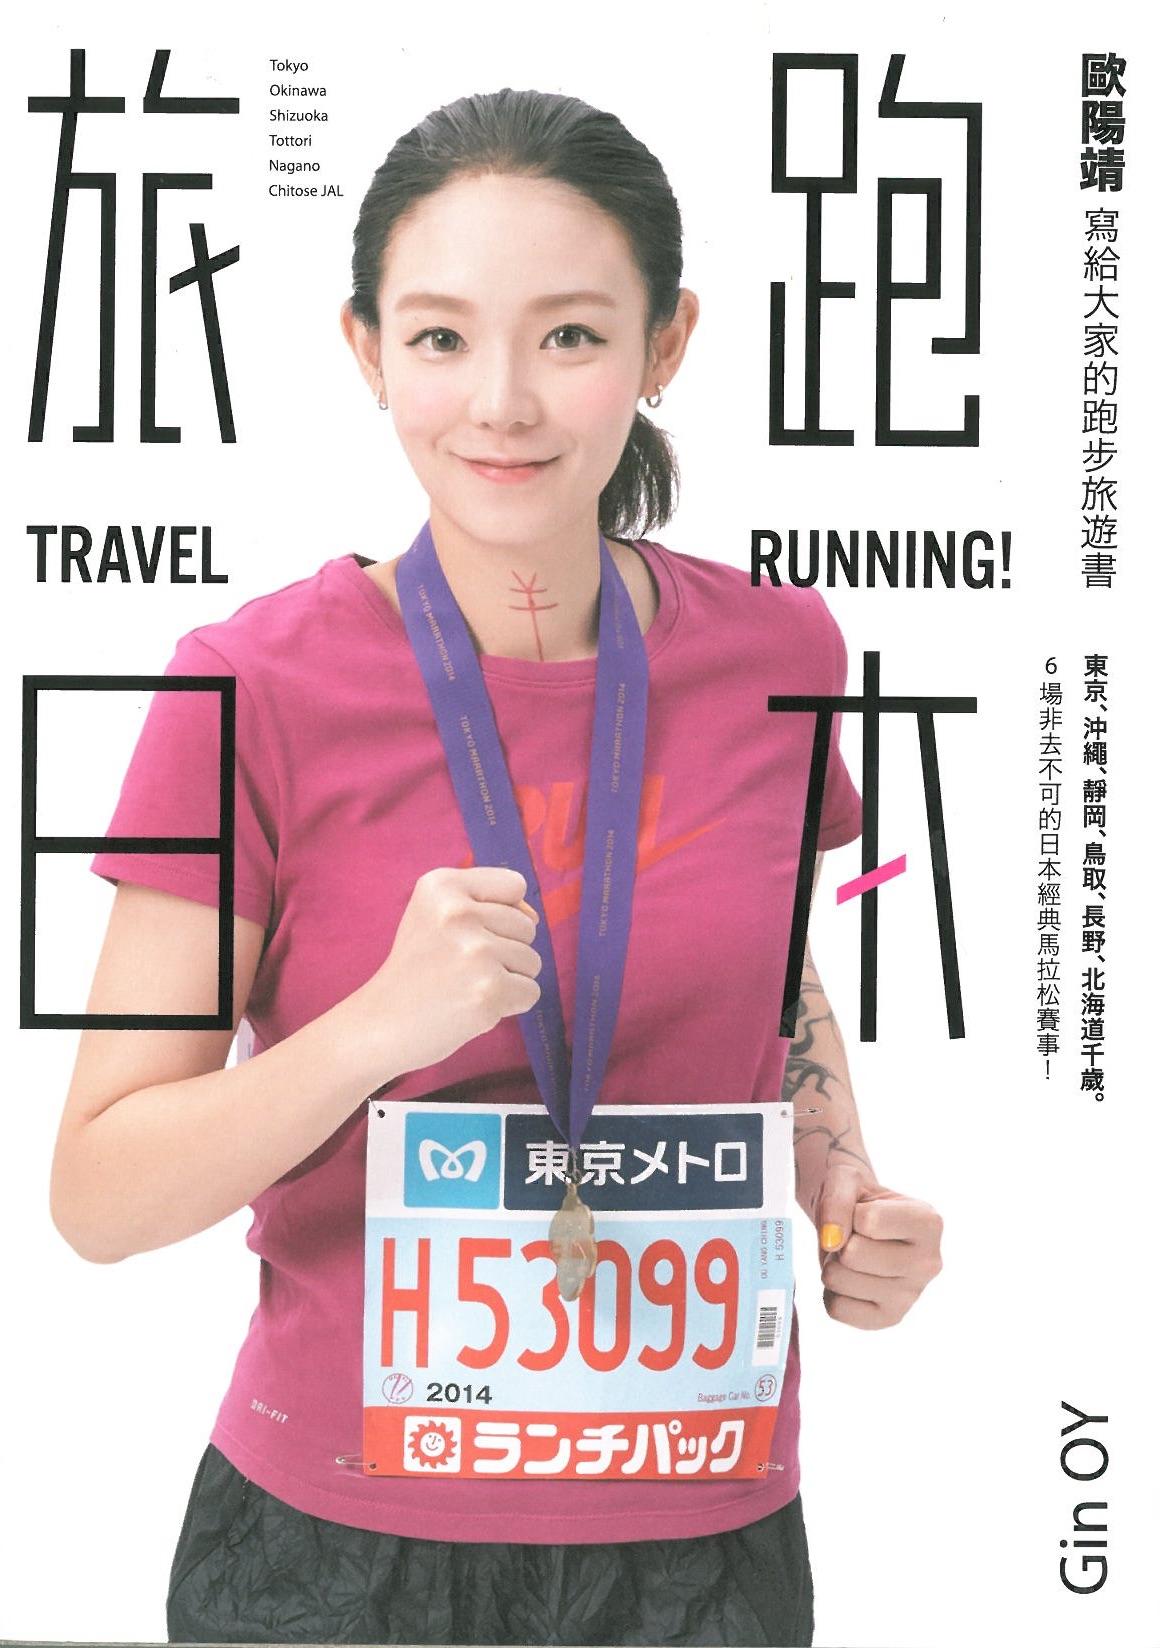 《經濟日報》書評:馬拉松旅遊Race-cation – 馬拉松 看世界/Run the World